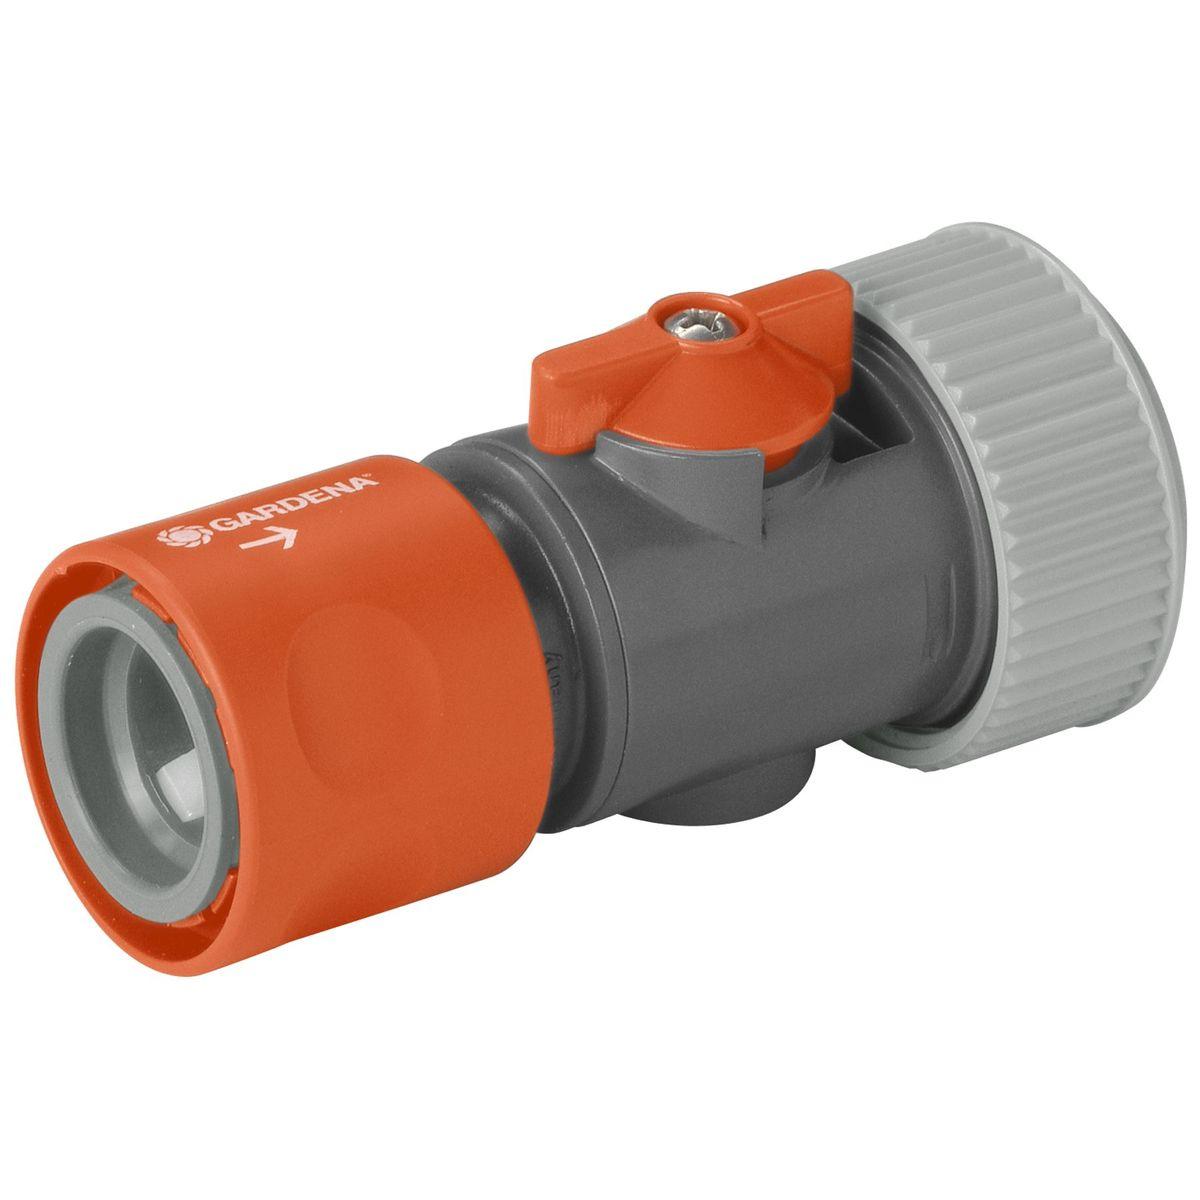 """Коннектор с регулятором Gardena, 3/402943-29.000.00Коннектор Gardena это ручной регулятор интенсивности и отключения воды. Удобен при смене насадок без перекрытия крана, особенно для систем с большим напором. Для шлангов диаметром 19 мм (3/4"""") ."""